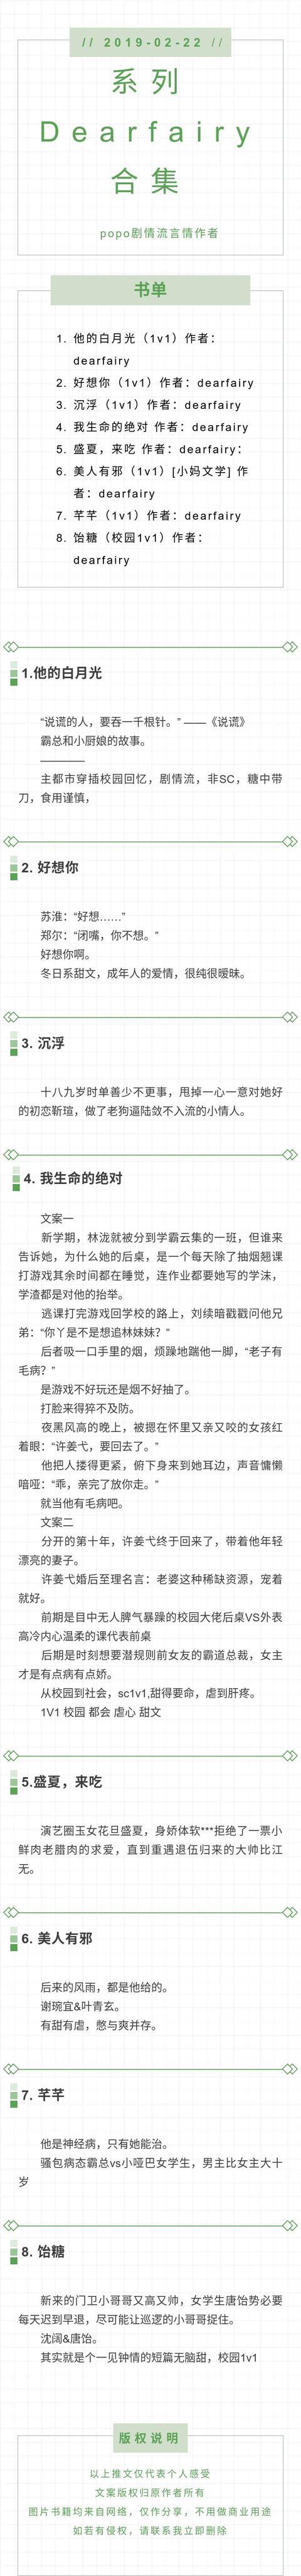 大鱼海棠手机壁纸